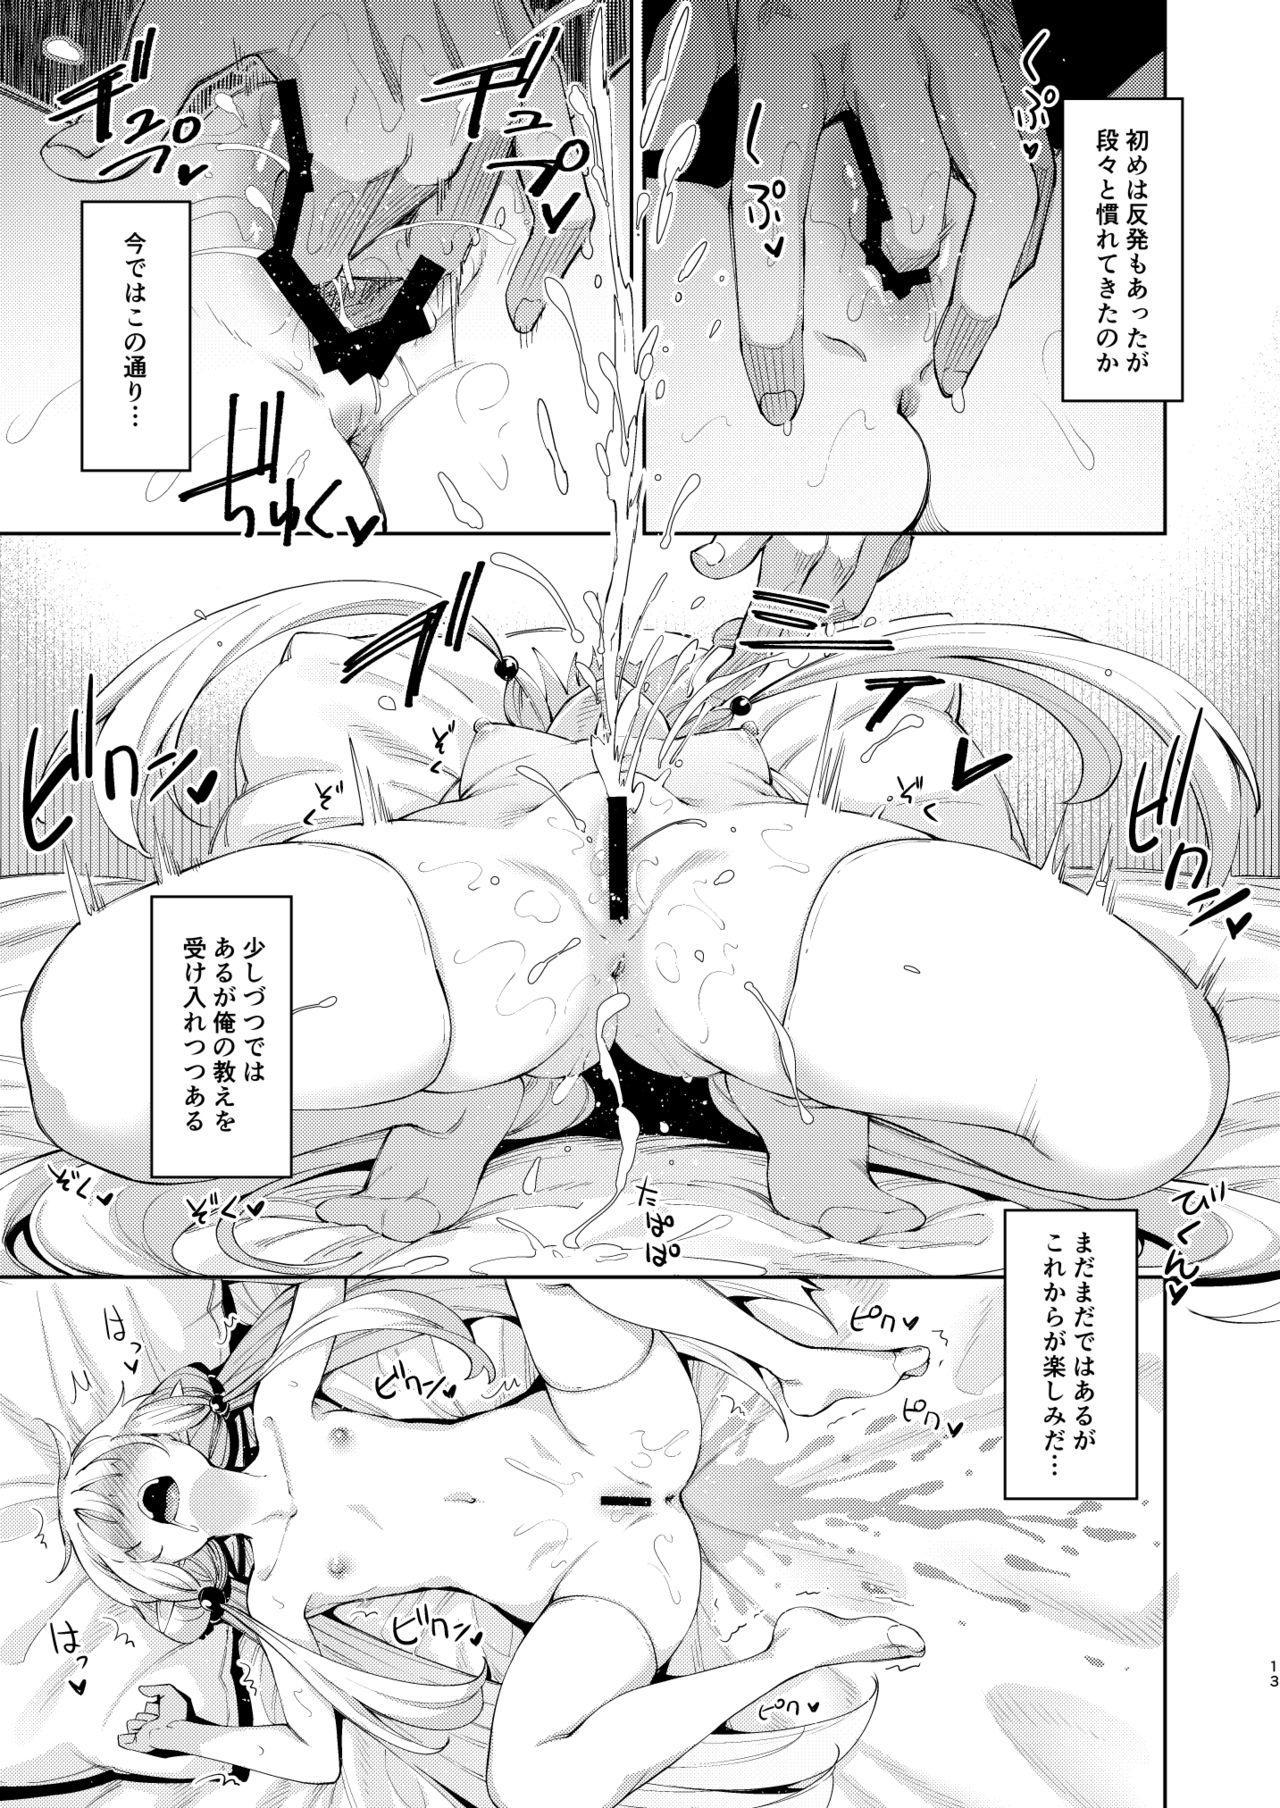 Isekai Kita no de Mahou o Sukebe na Koto ni Riyou Shiyou to Omou II 11